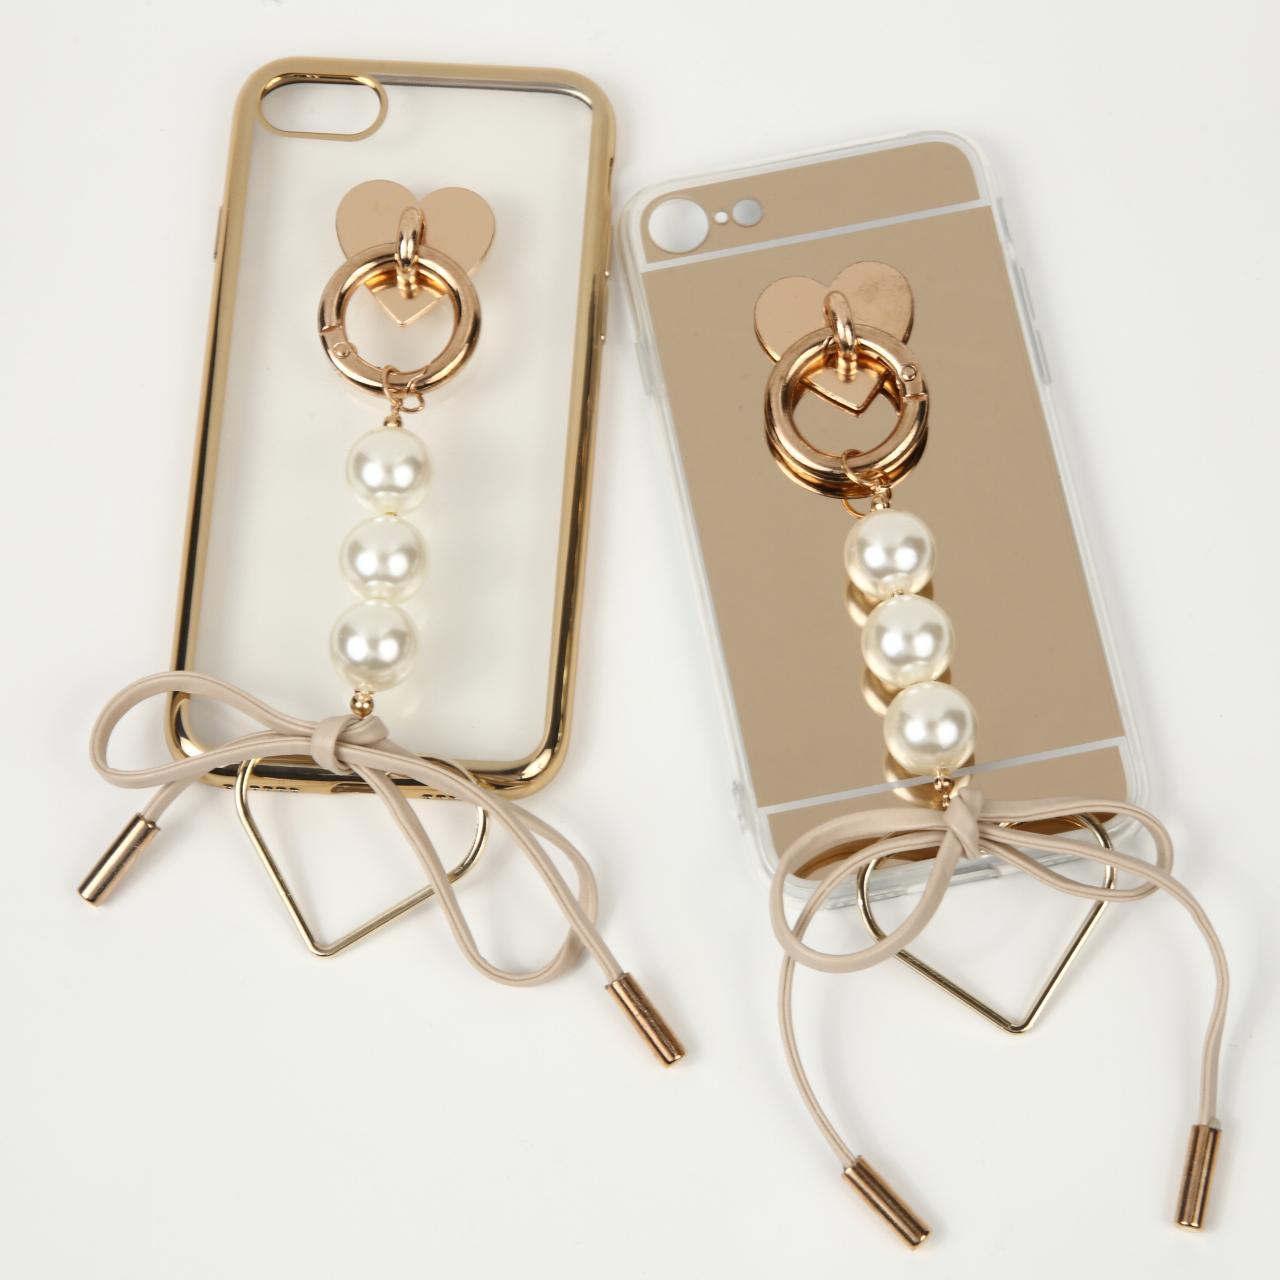 【即納★送料無料】選べる2タイプ かわいいパール&リボン付iPhoneケース